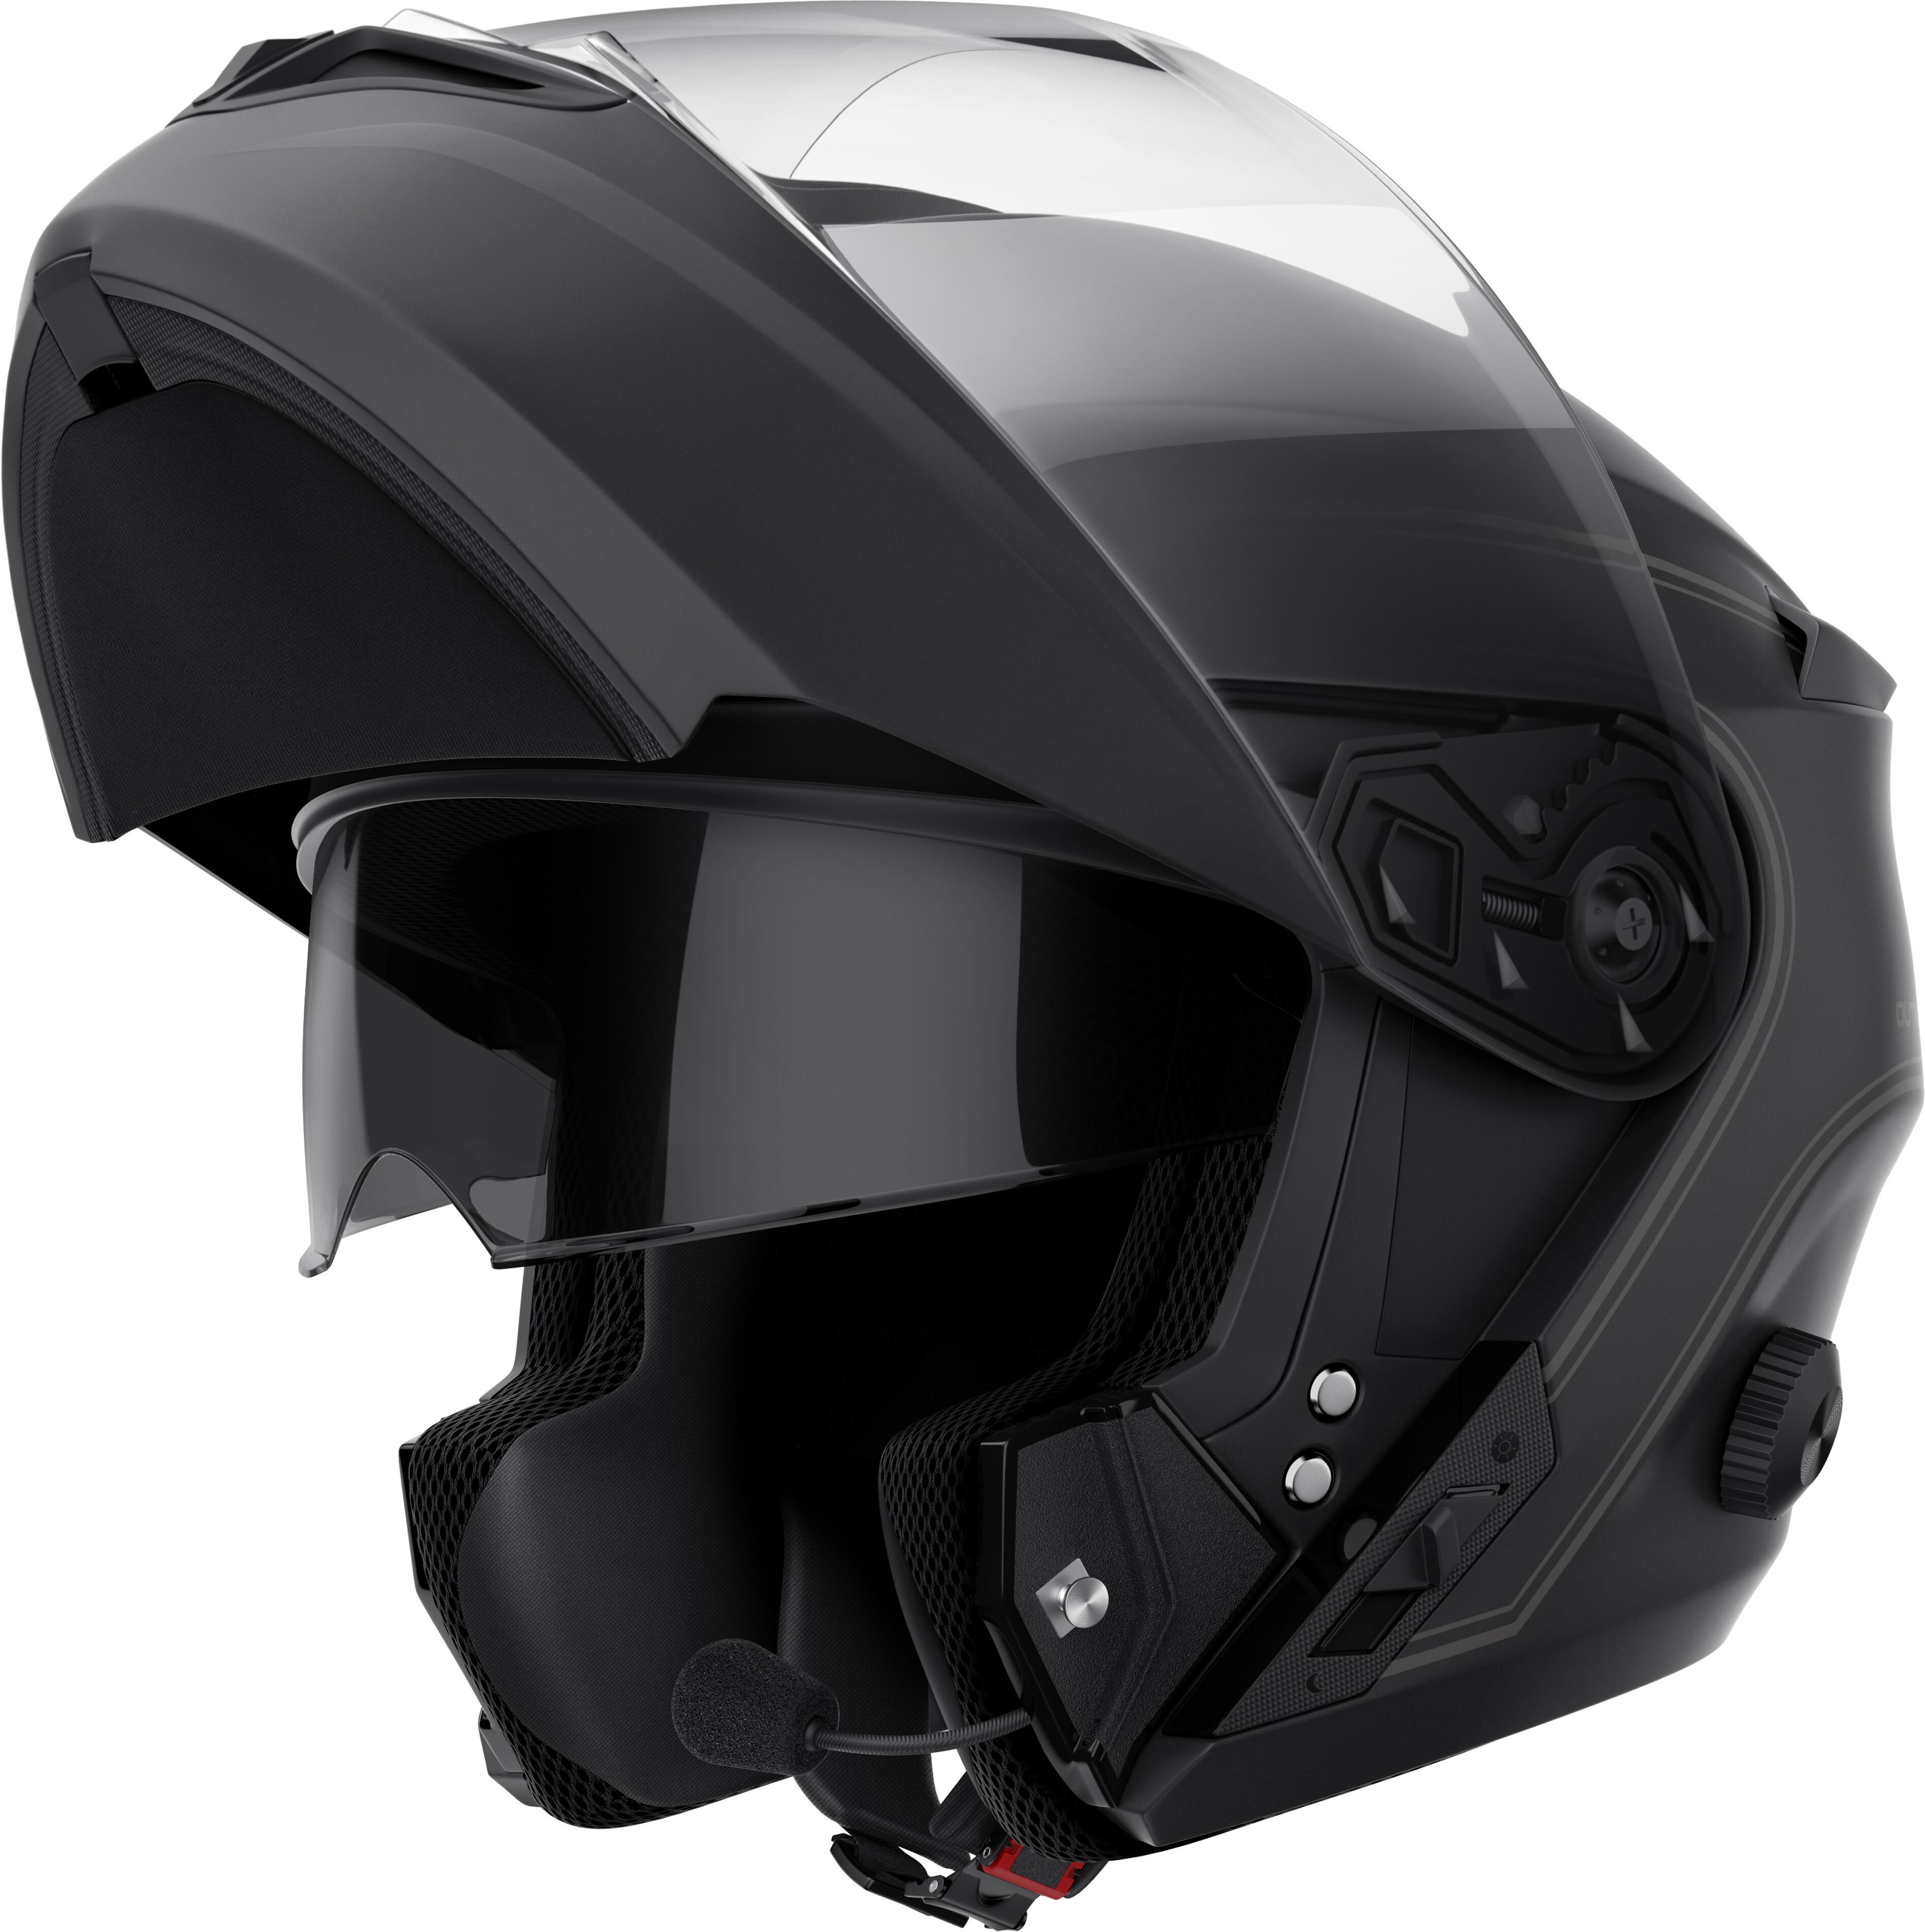 Outrush Flip-Up BT Helmet